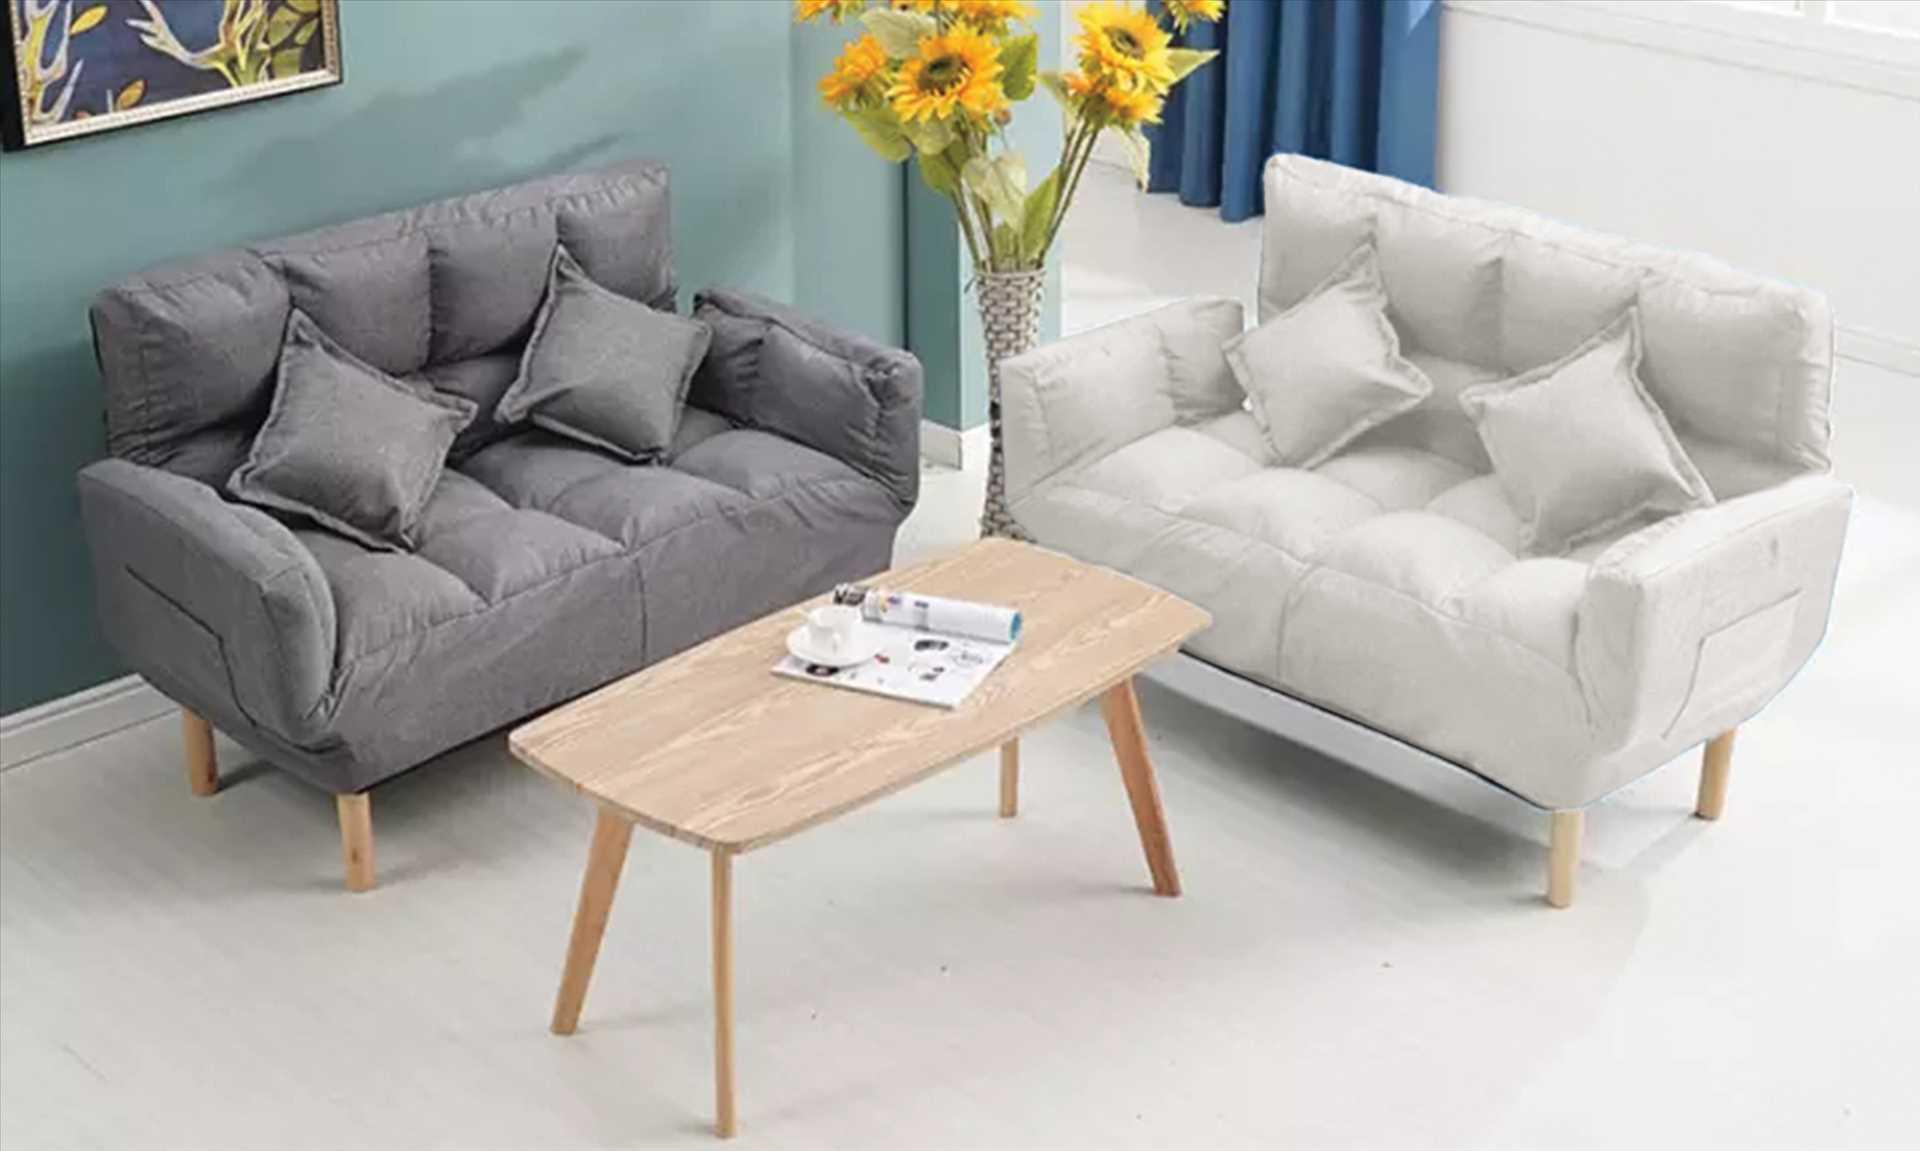 ספה זוגית דגם NEW BERRY צבע אפור מבית MY CASA - תמונה 1